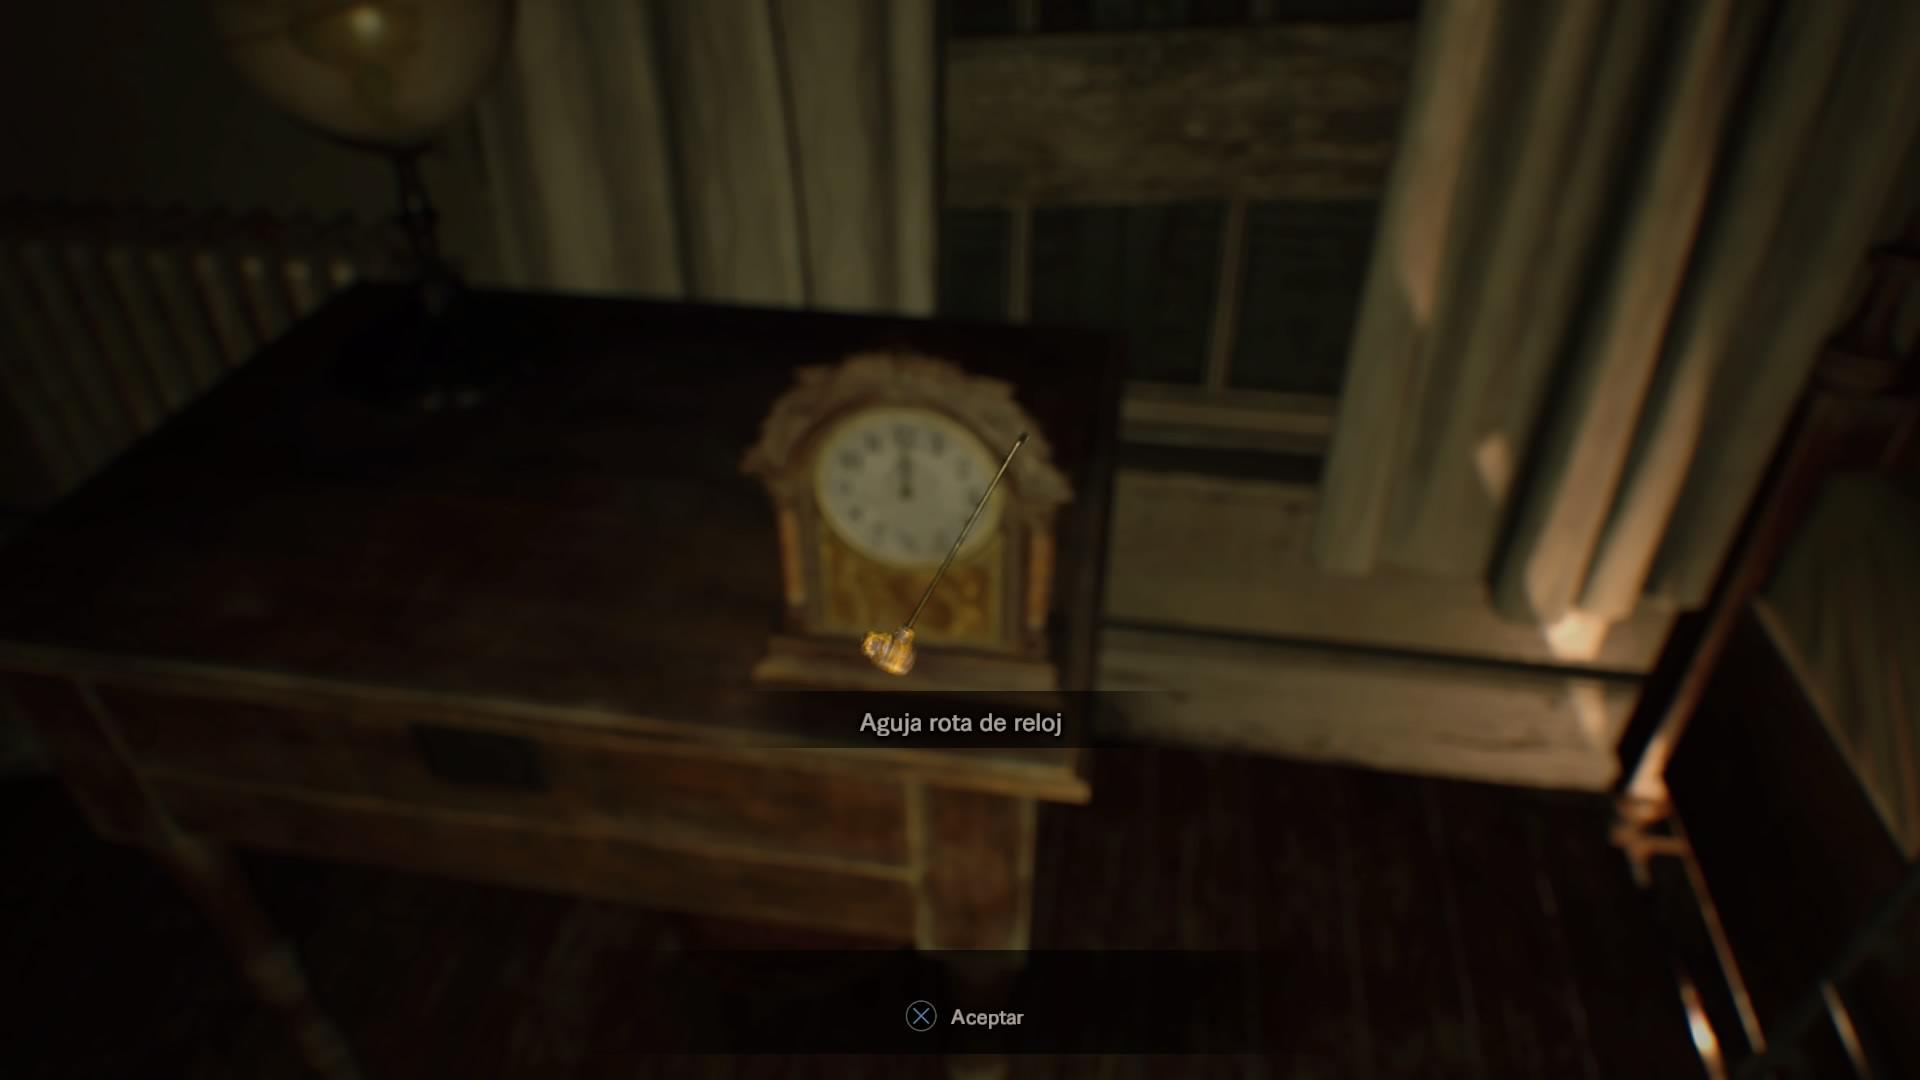 Aguja rota de reloj